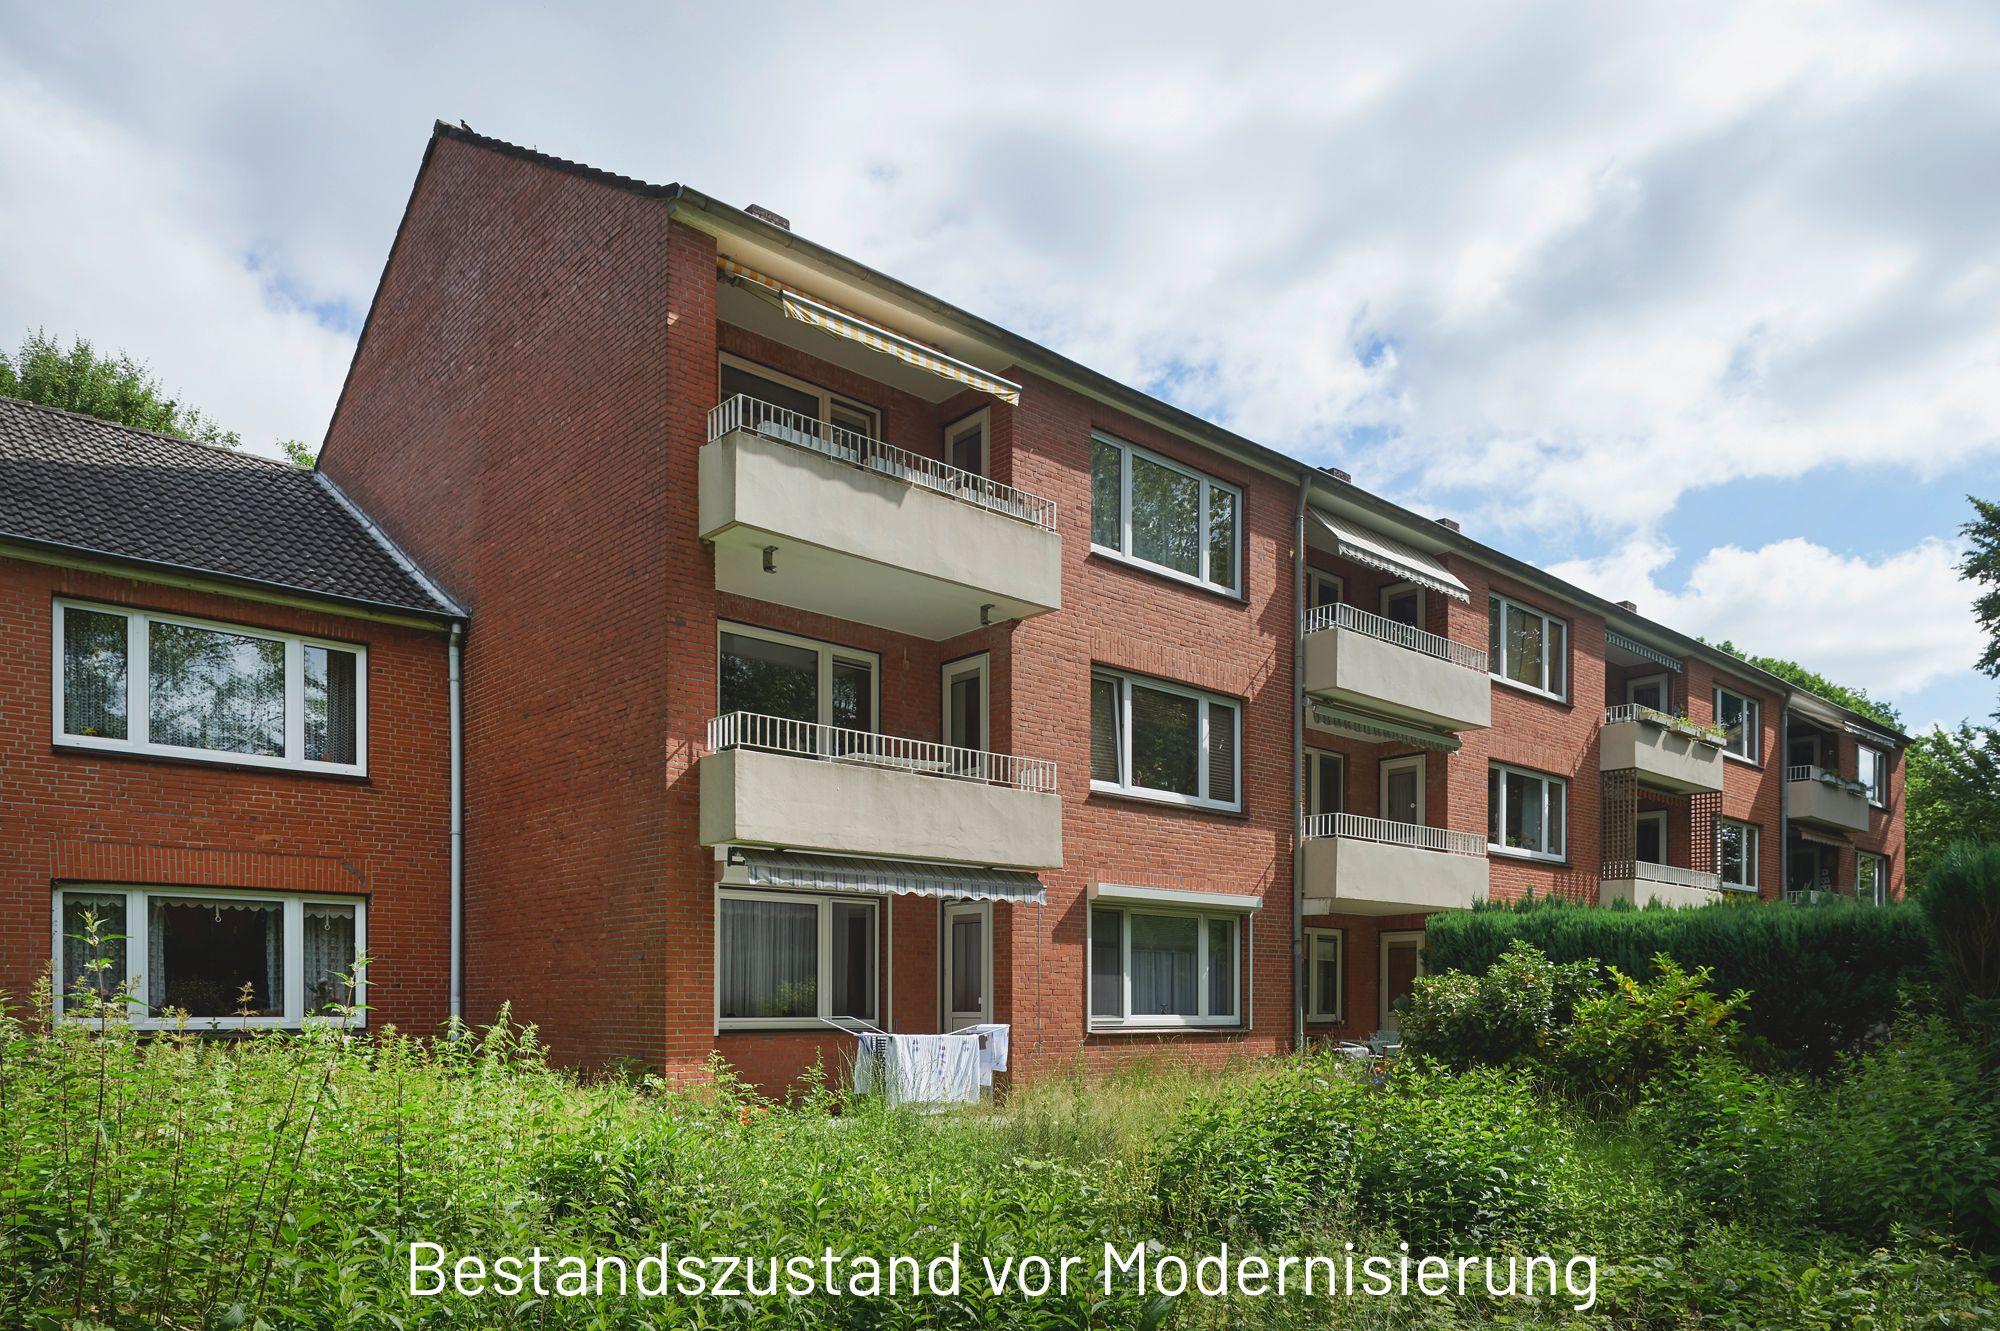 Hans-Schwenkel-Wohnanlage Bestand